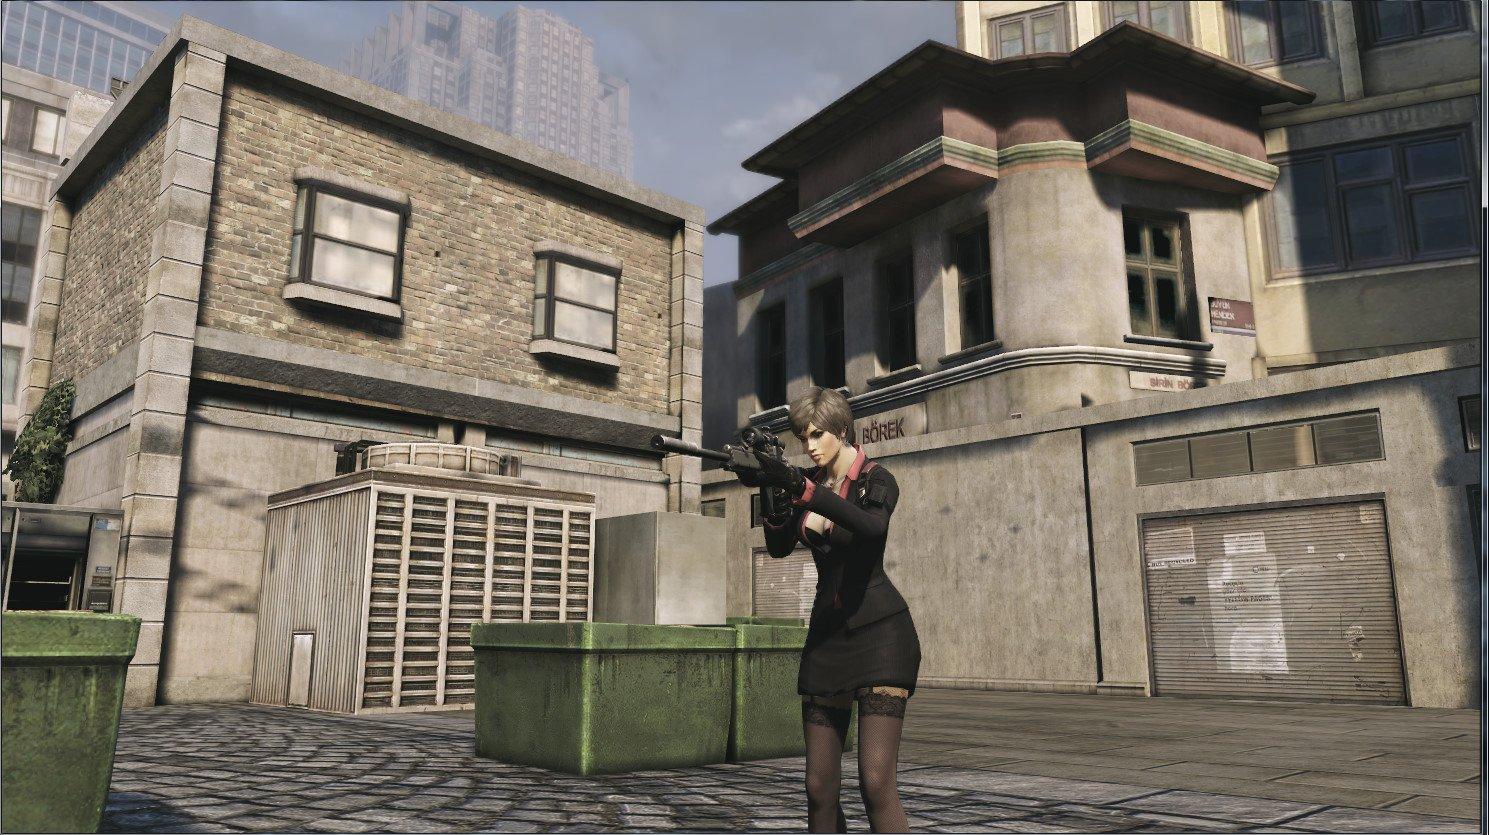 Подборка скриншотов от администрации Black Fire.На скринах демонстрируются женские персонажи. - Изображение 3